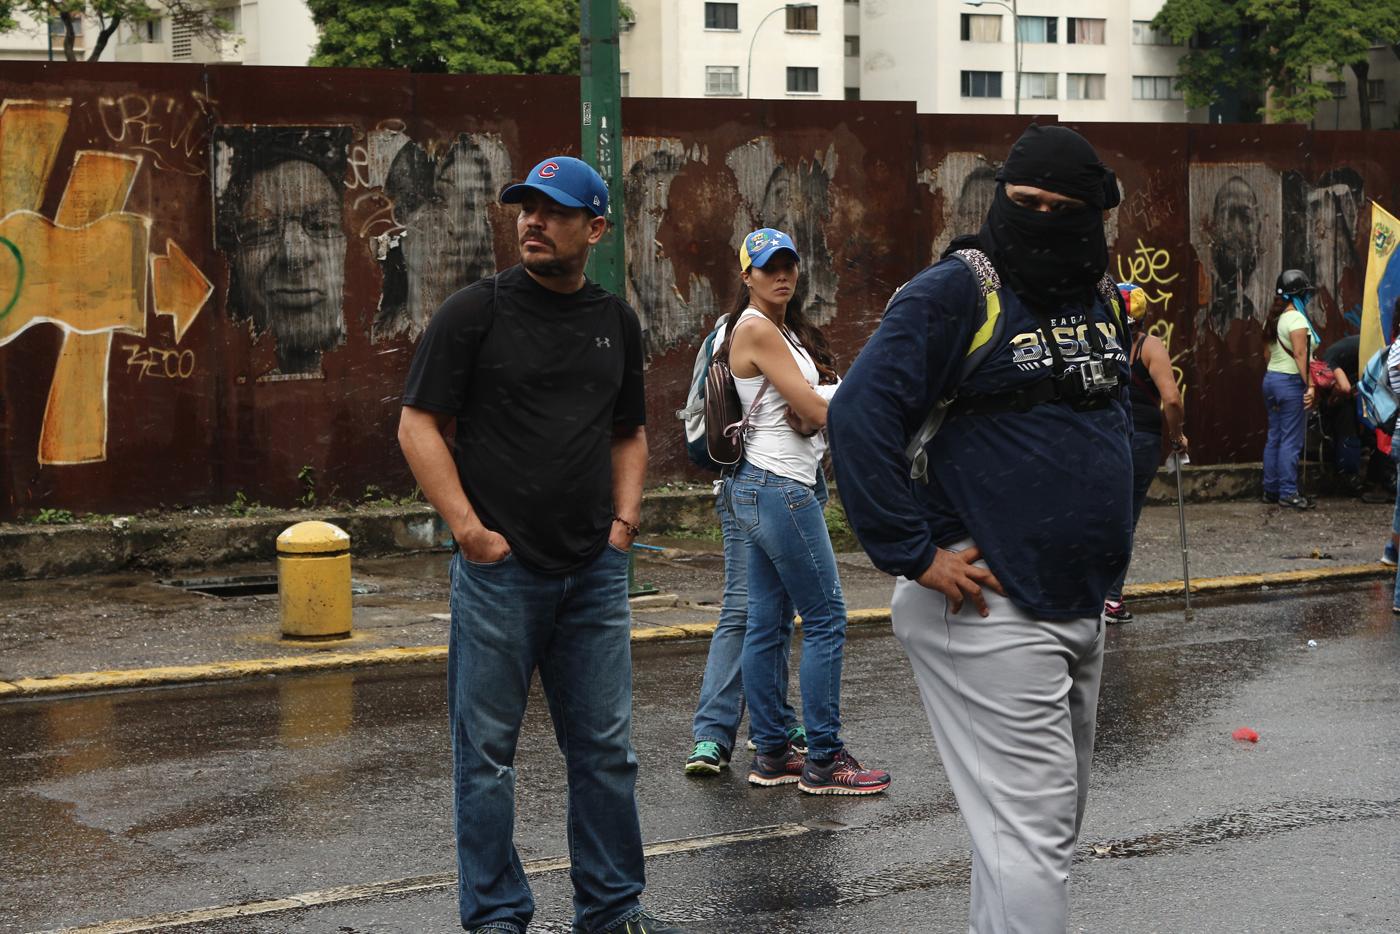 Manifestantes en las calles este #19Jun / Foto: Wil Jiménez